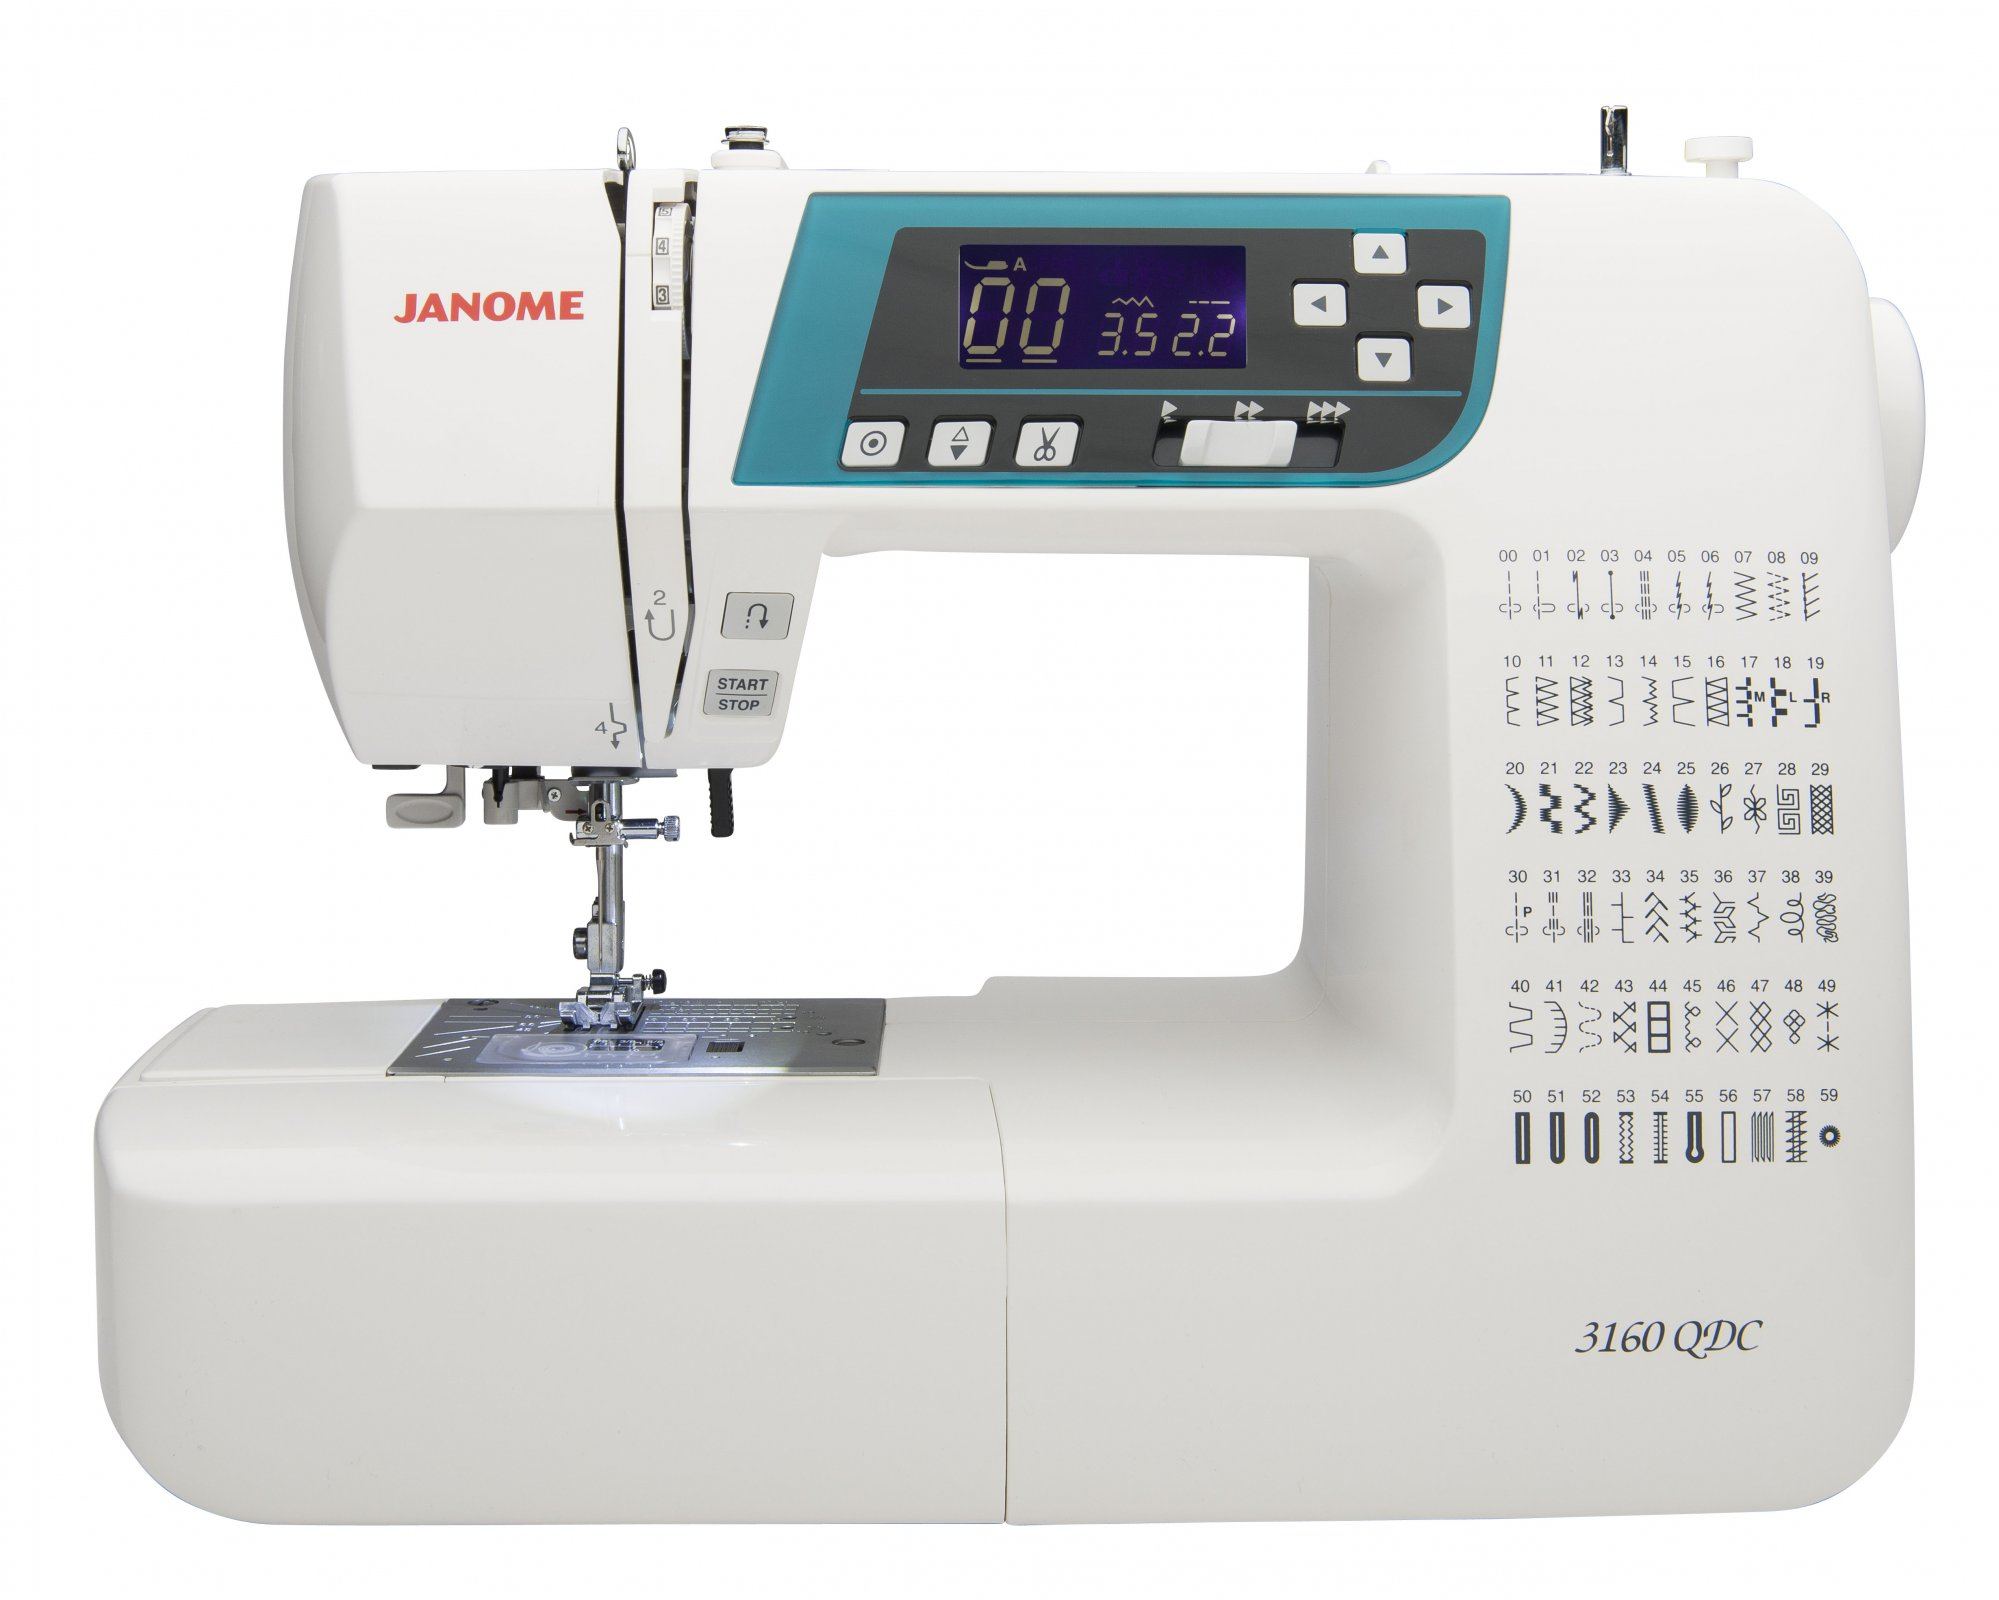 Janome 3160 QDC-B